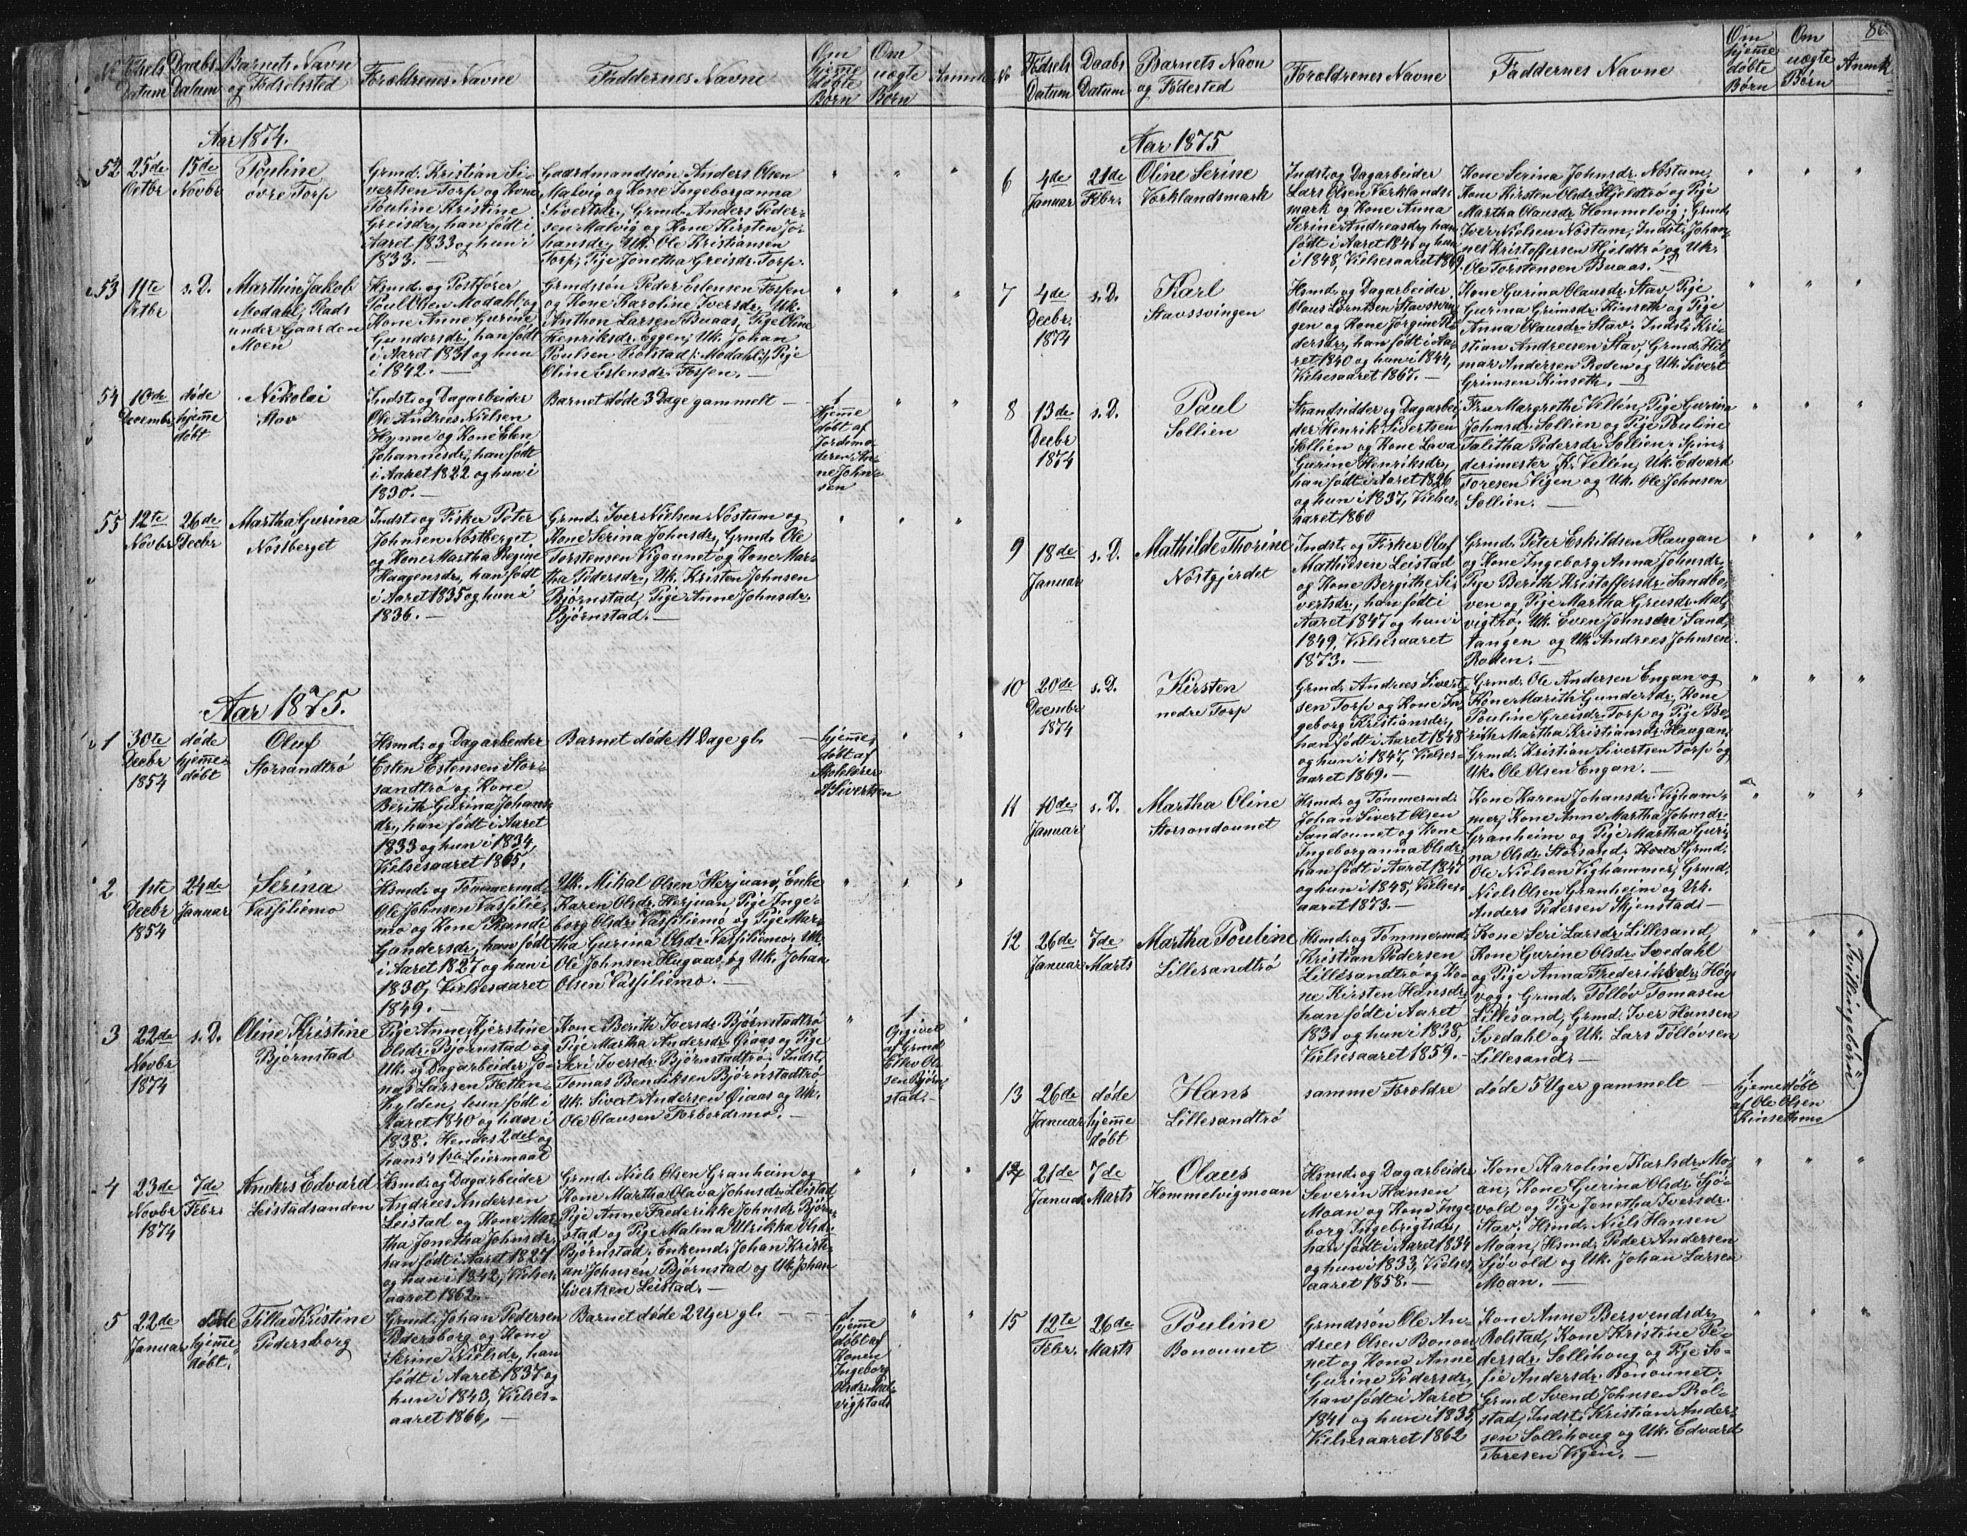 SAT, Ministerialprotokoller, klokkerbøker og fødselsregistre - Sør-Trøndelag, 616/L0406: Ministerialbok nr. 616A03, 1843-1879, s. 86